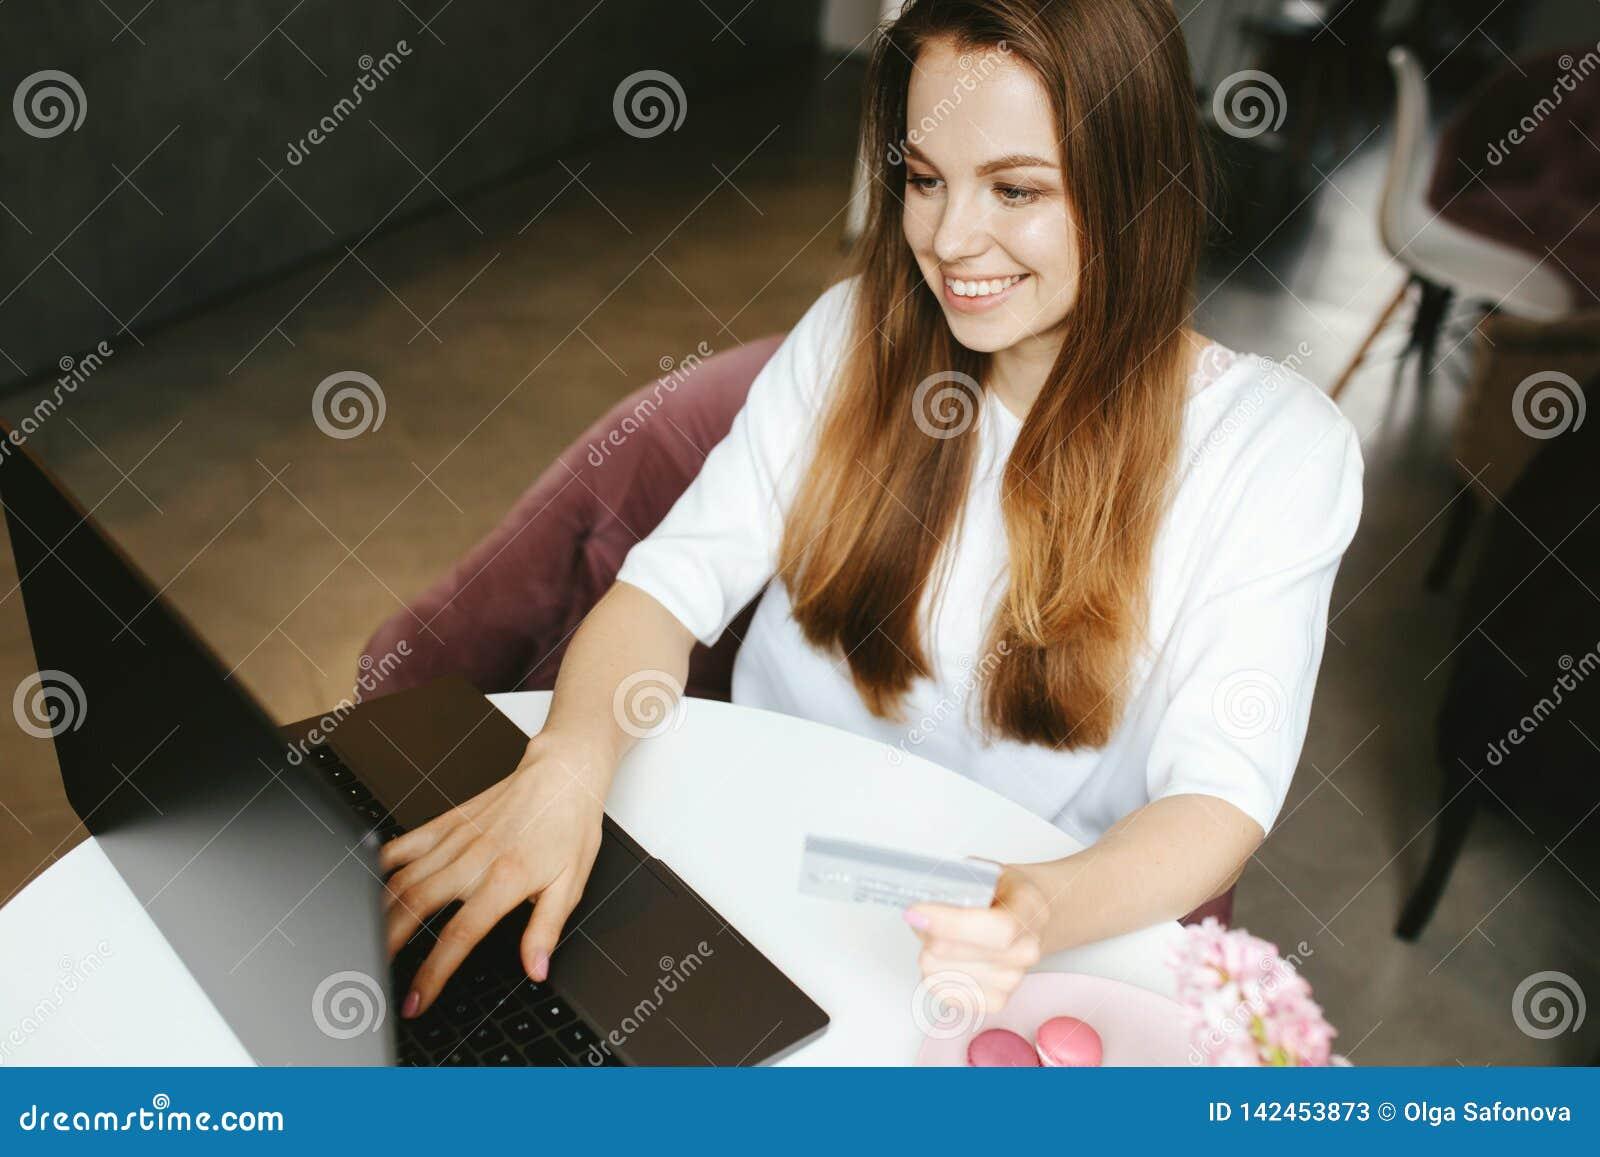 Smiley girl typing on laptop keyboard